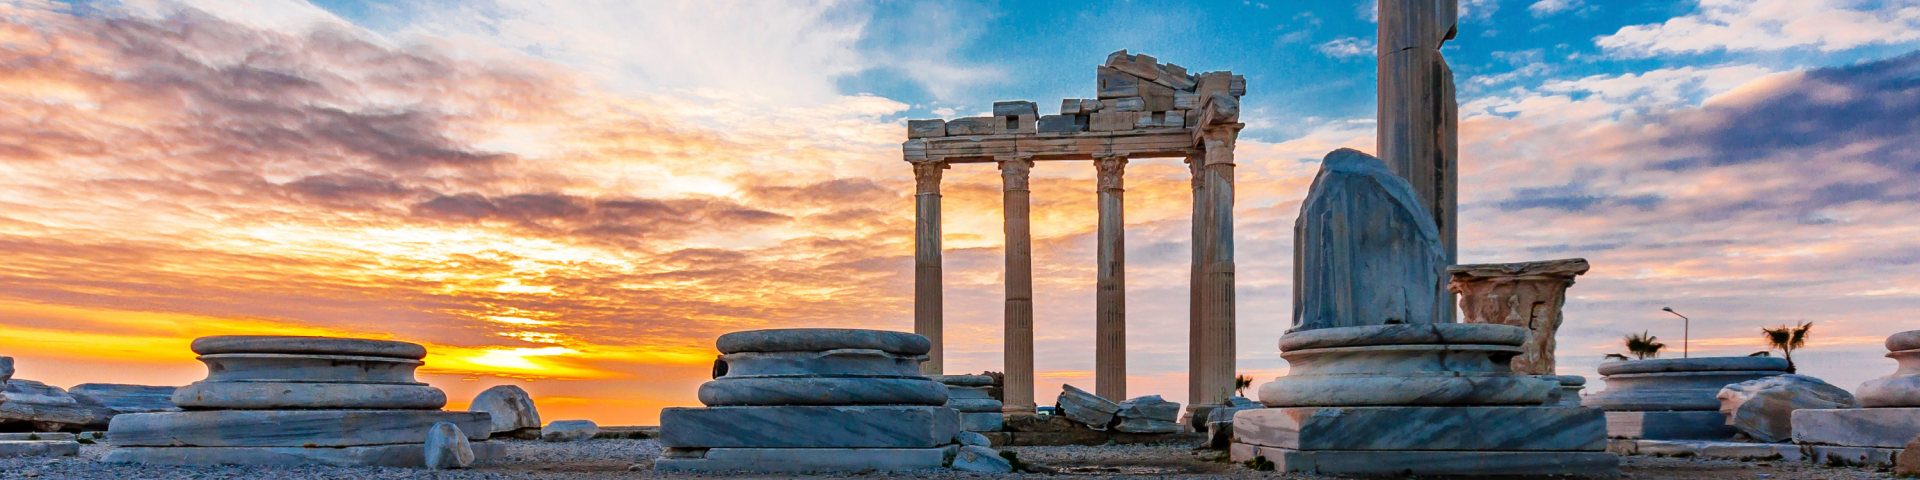 Kulturelle Sehenswürdigkeiten in Antalya